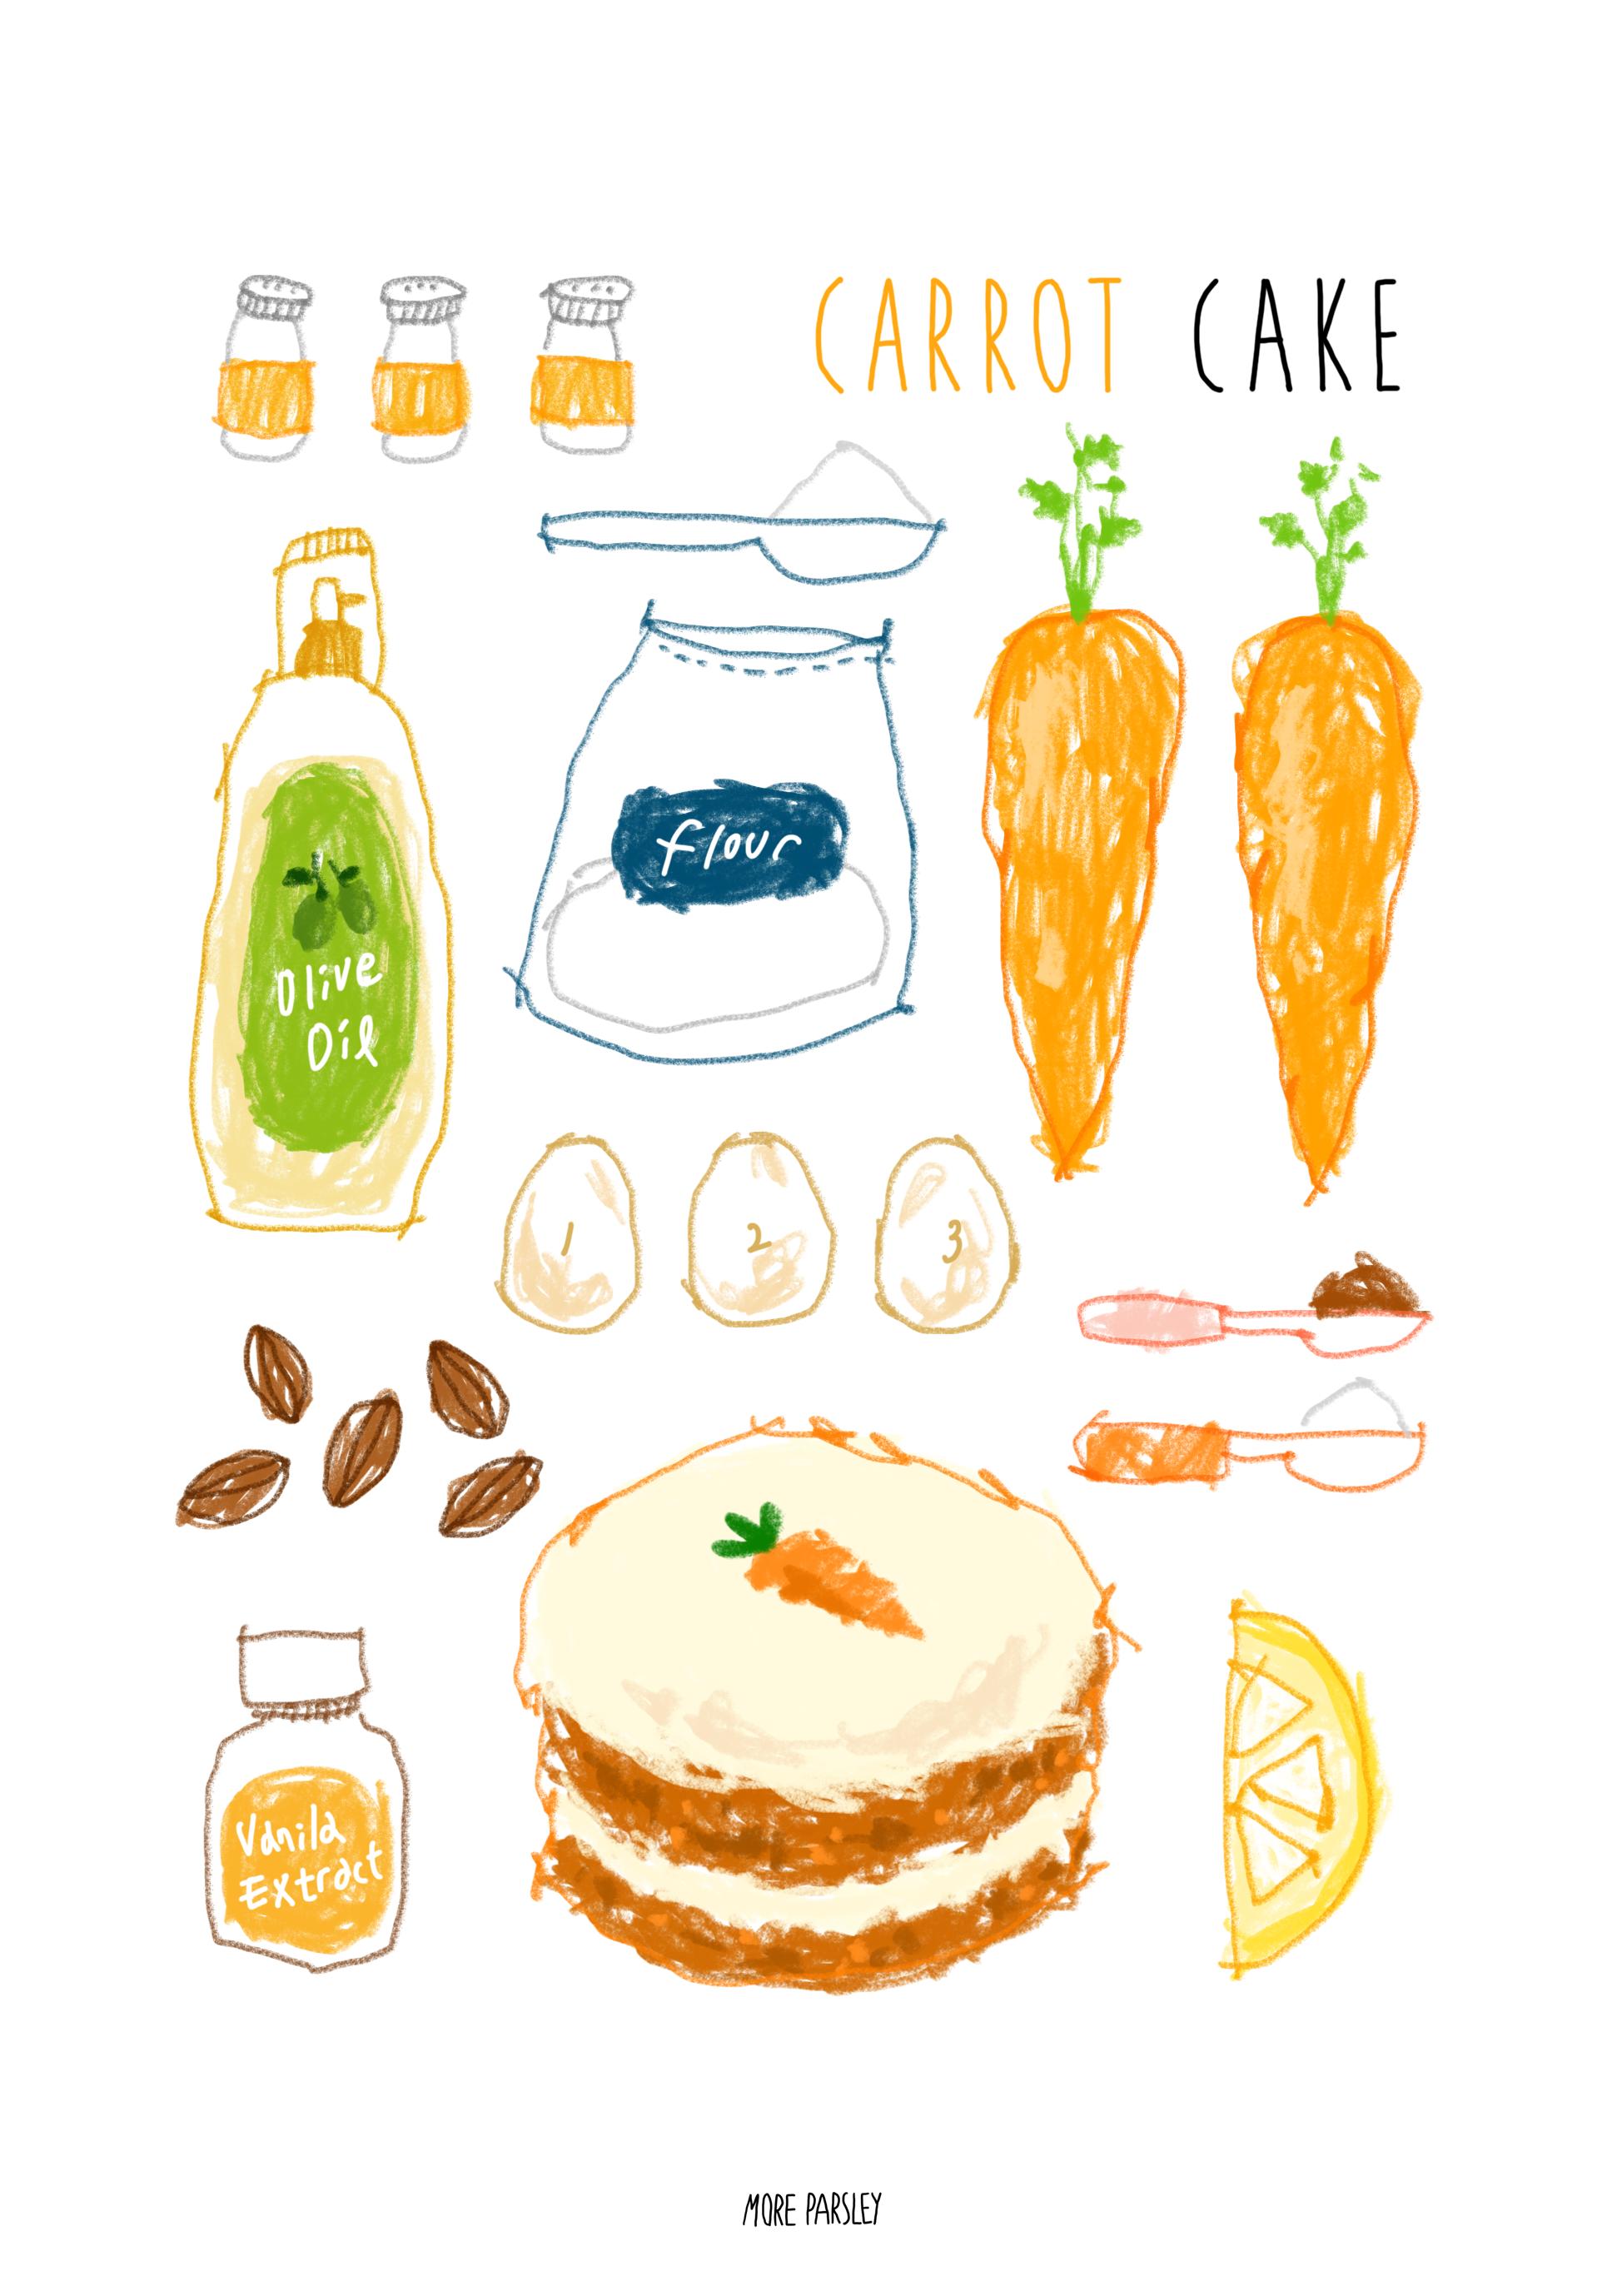 carrot cake recipe illustration instagram@moreparsley_ heavenkim